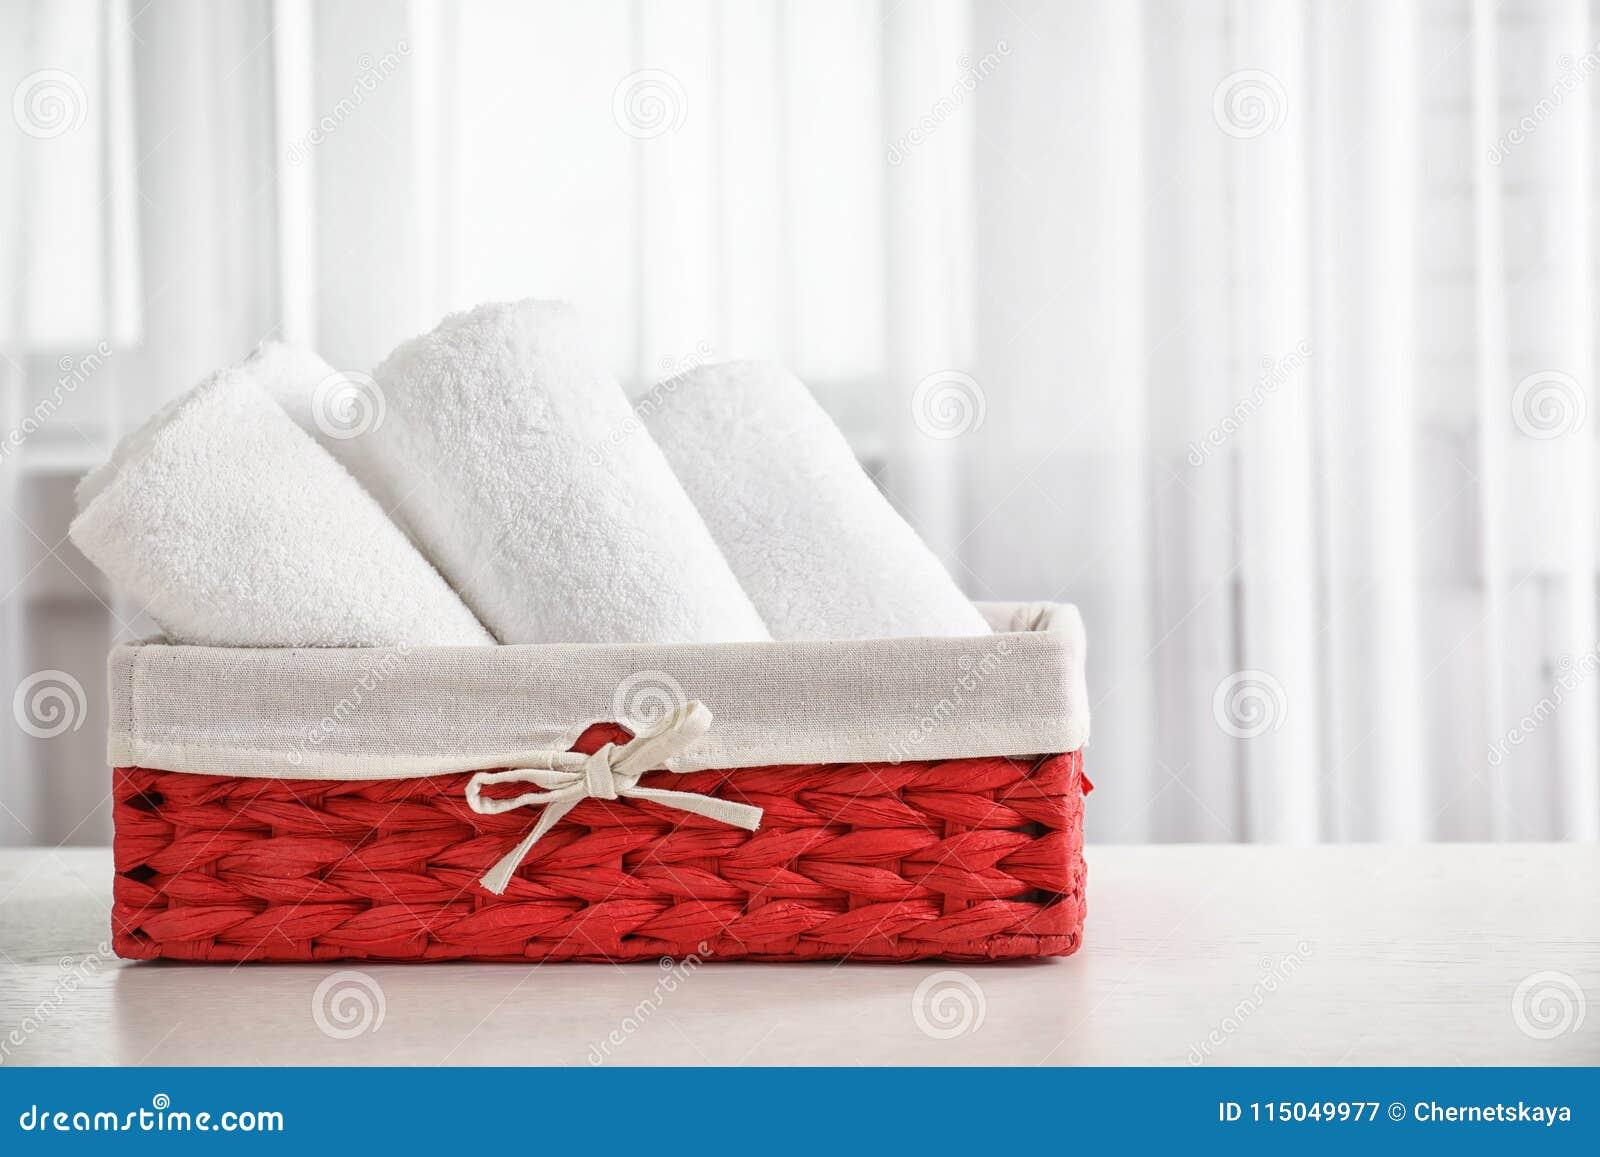 Cesta com toalhas limpas